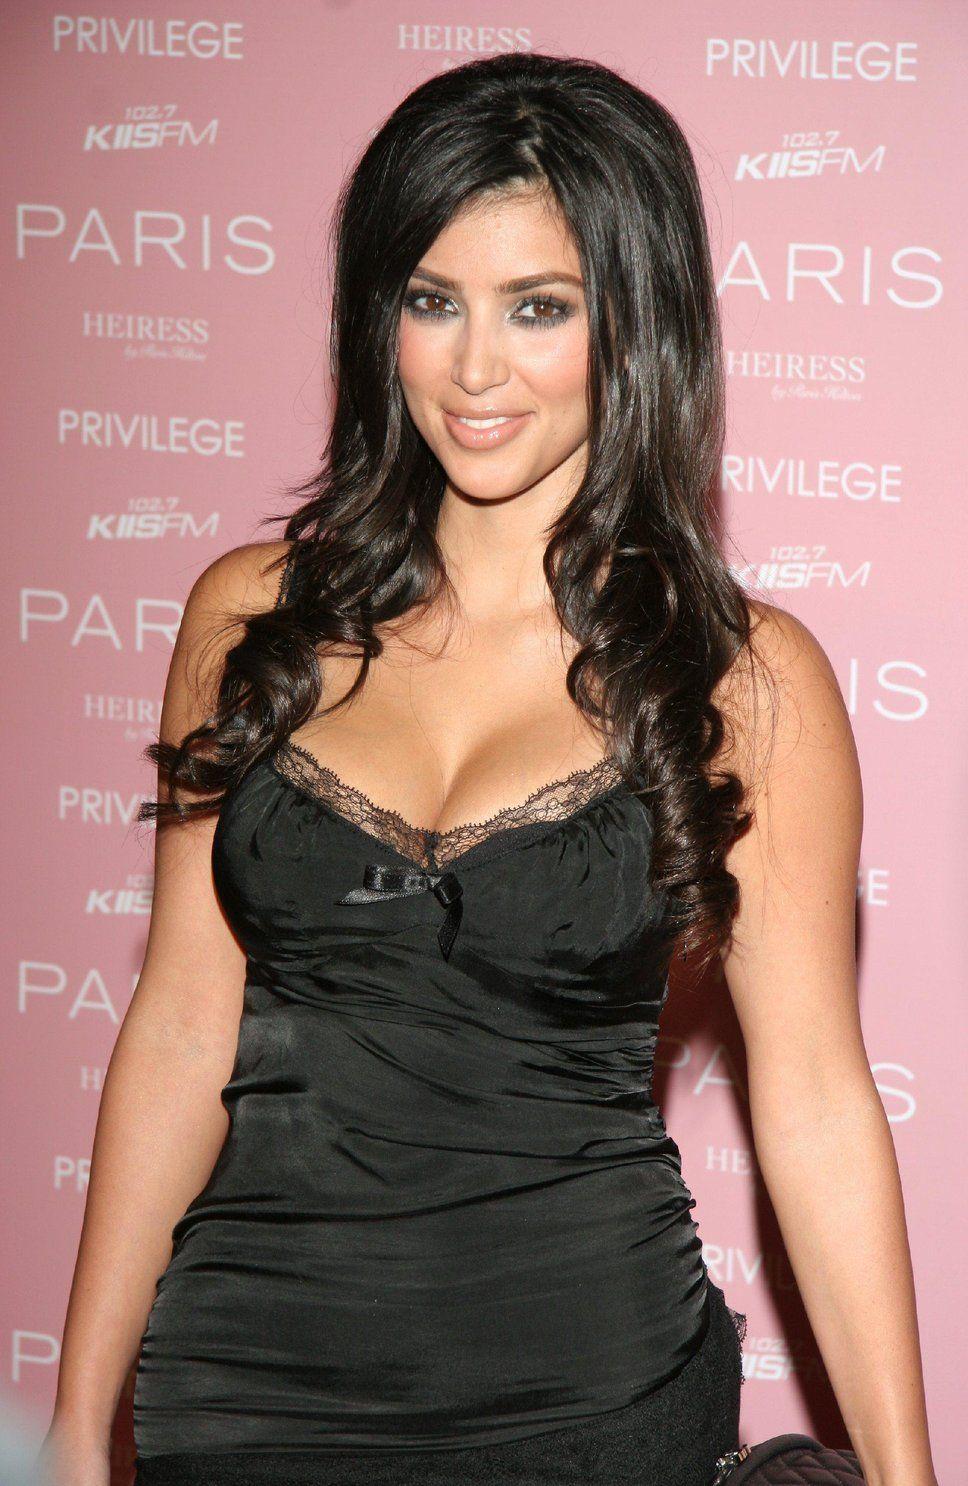 b8b65392c3 Kim Kardashian 2006